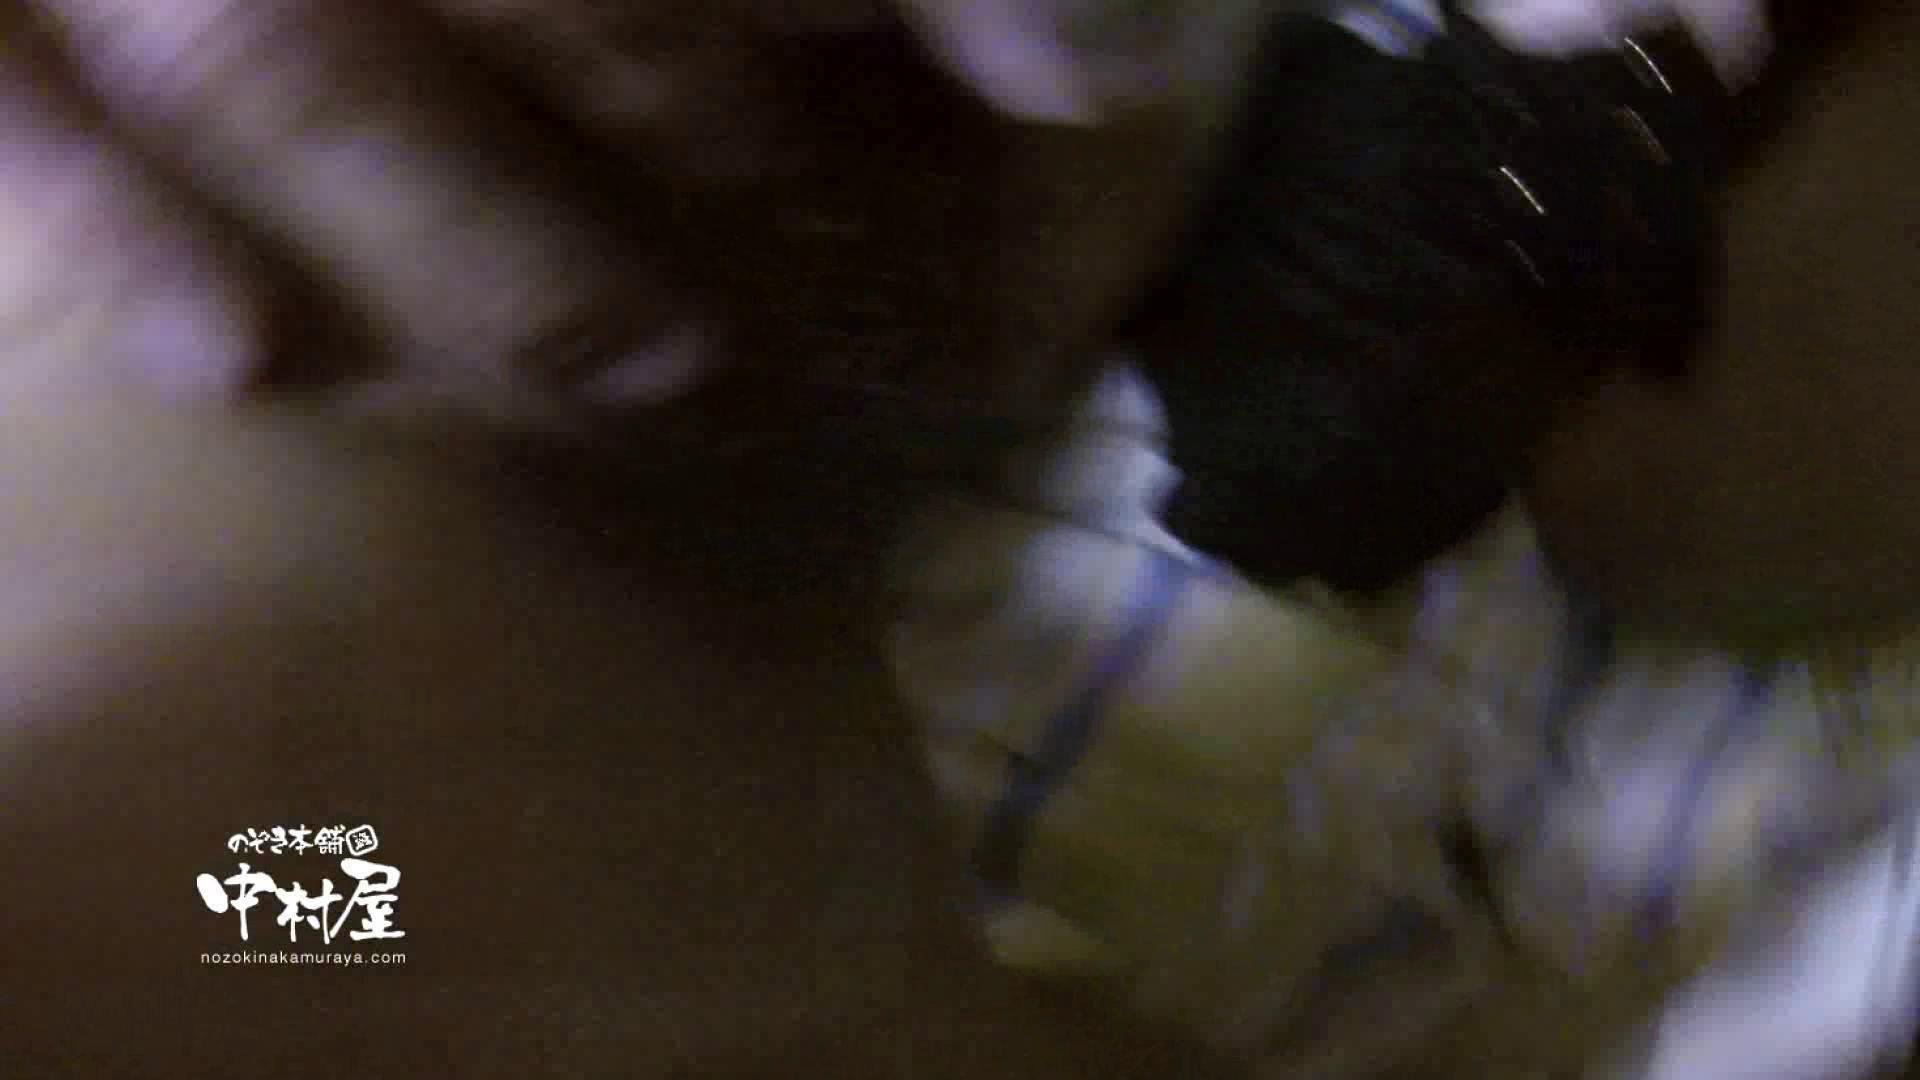 鬼畜 vol.09 無慈悲!中出し爆乳! 後編 中出し のぞき動画画像 72連発 51